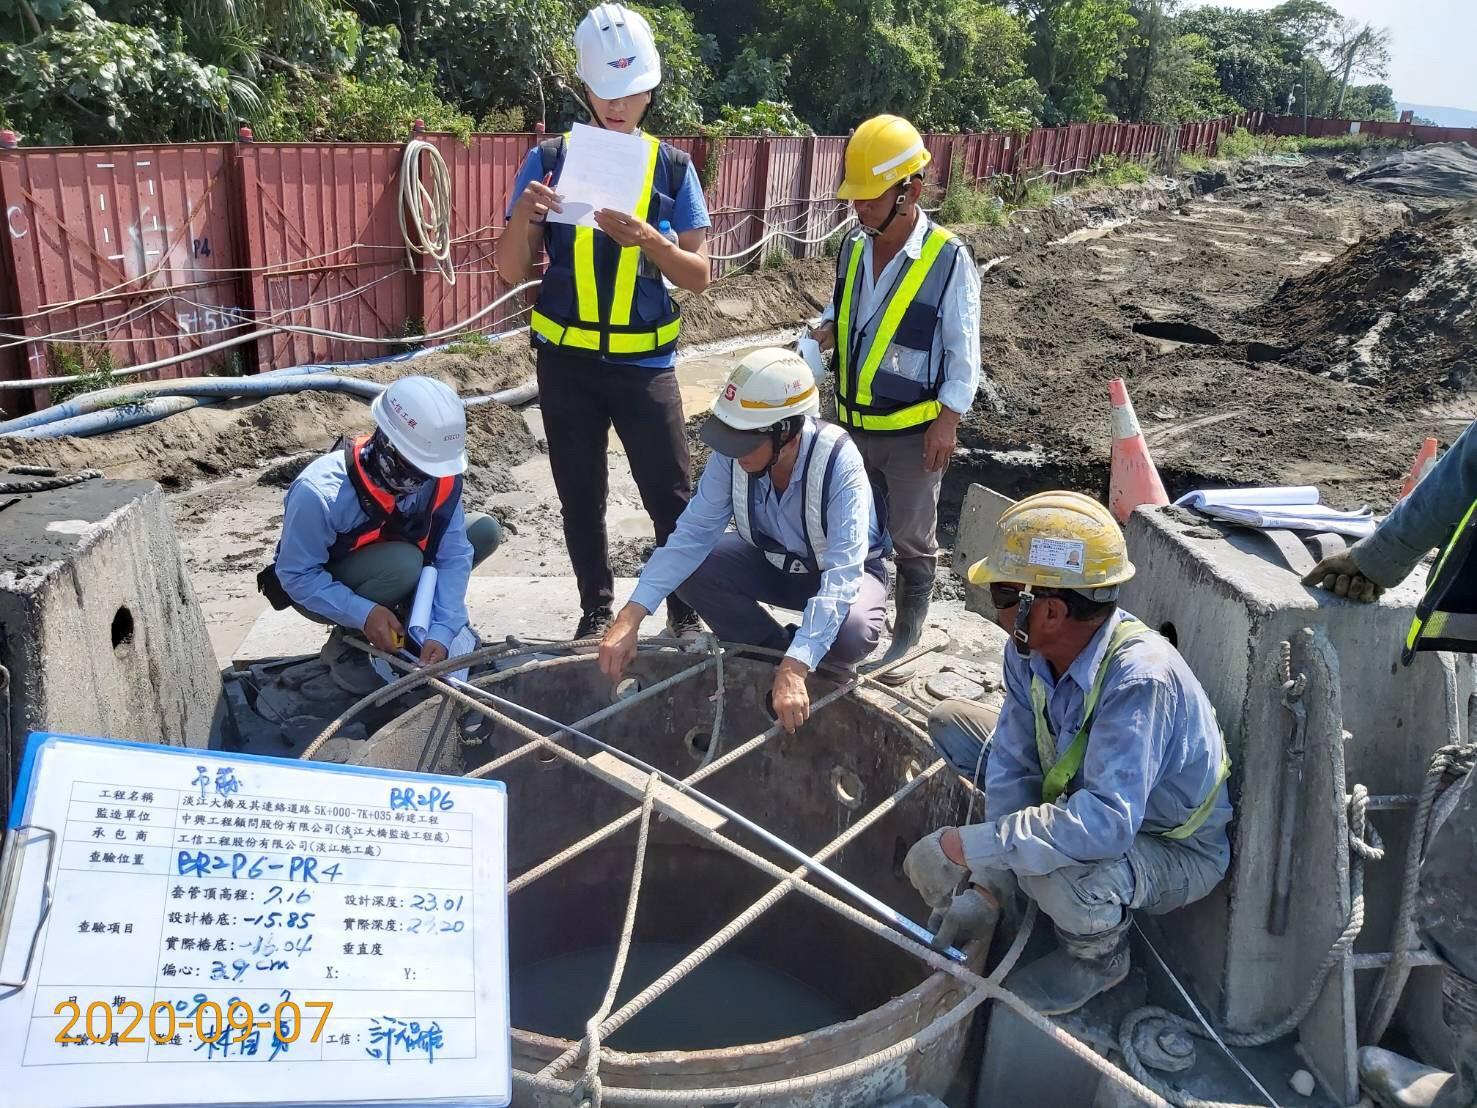 八里端基樁挖掘後位置及深度量測查驗